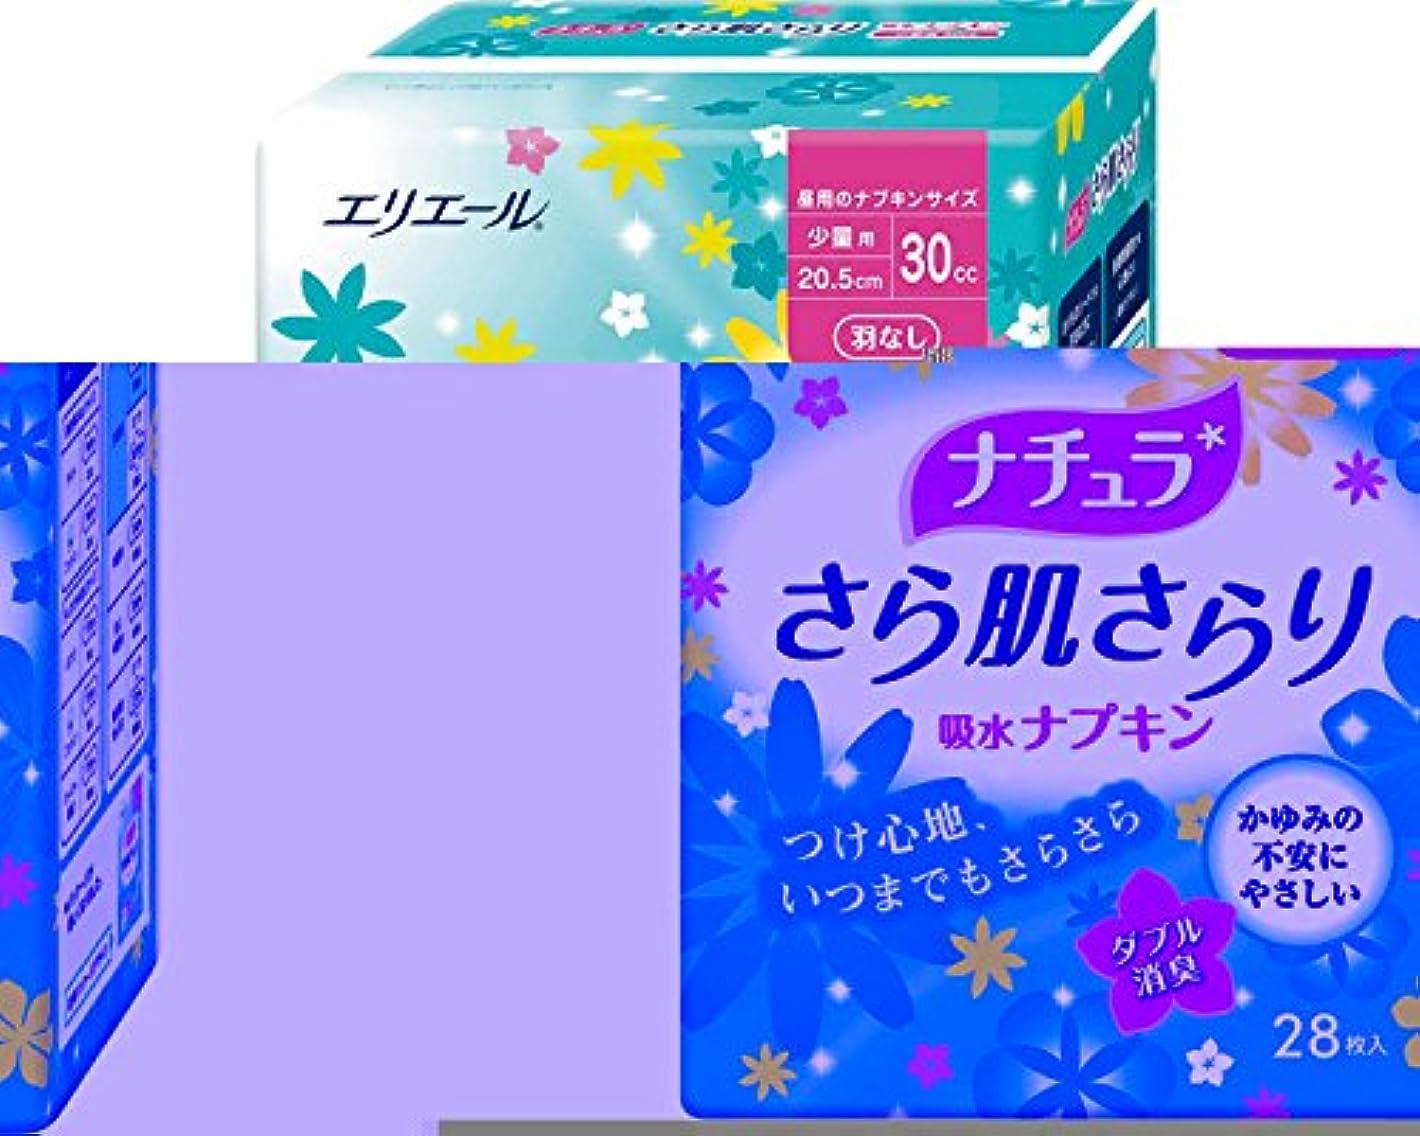 キレイキレイ薬用ハンドソープ 4L (ライオンハイジーン) (清拭小物)